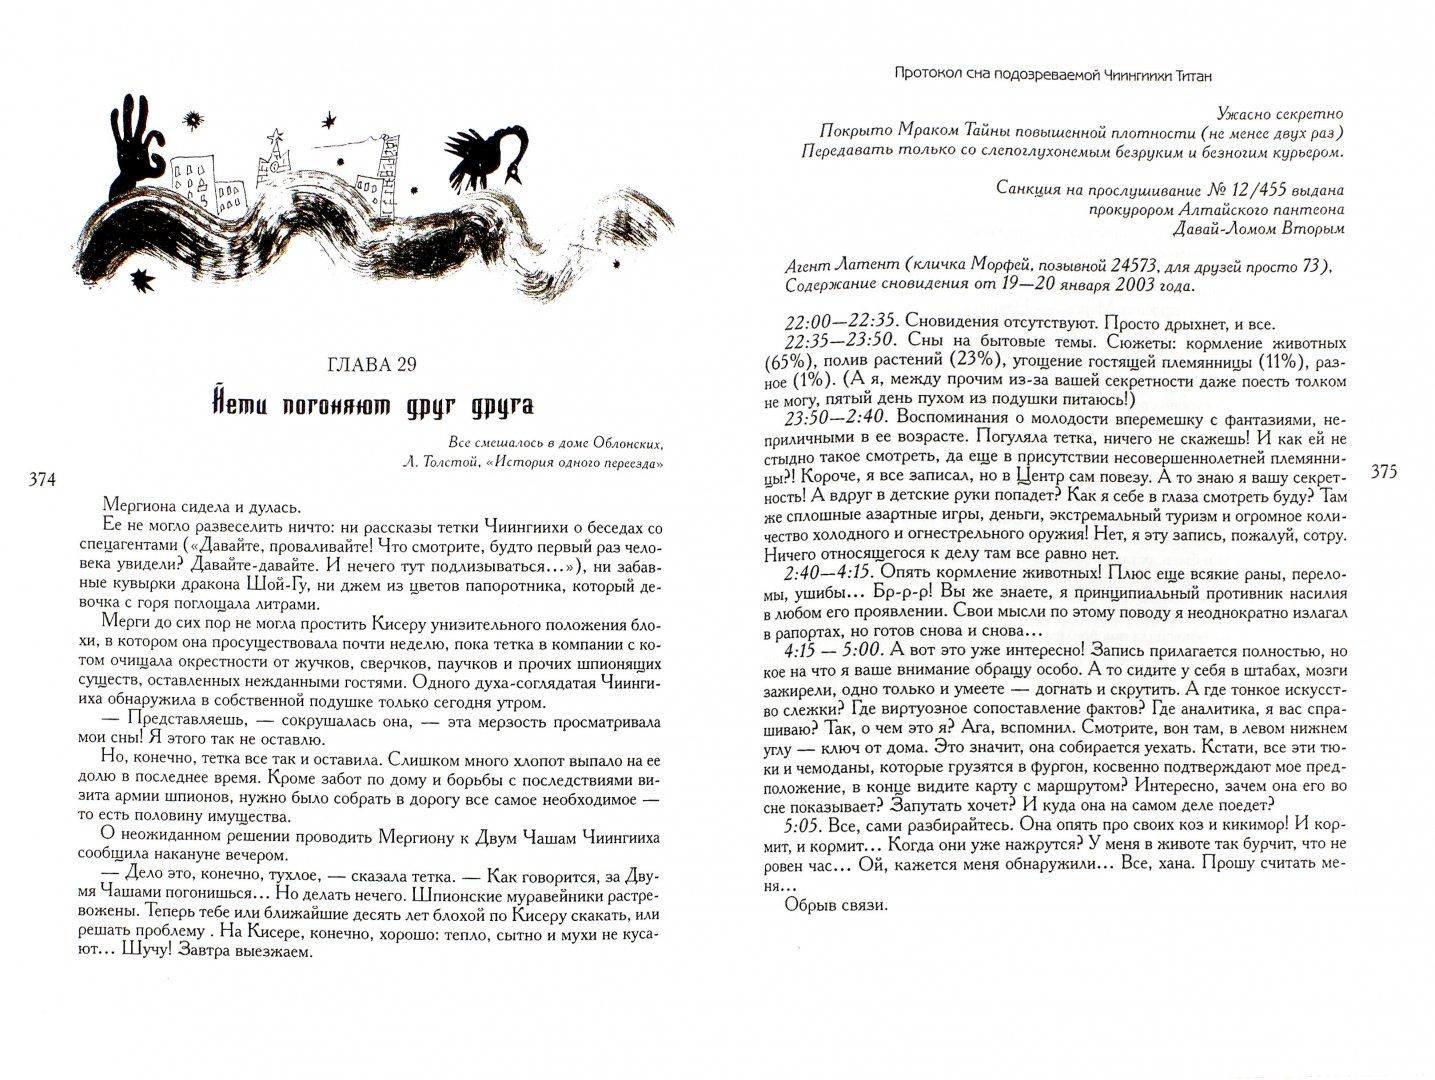 Иллюстрация 1 из 15 для Порри Гаттер. Все! - Жвалевский, Мытько | Лабиринт - книги. Источник: Лабиринт